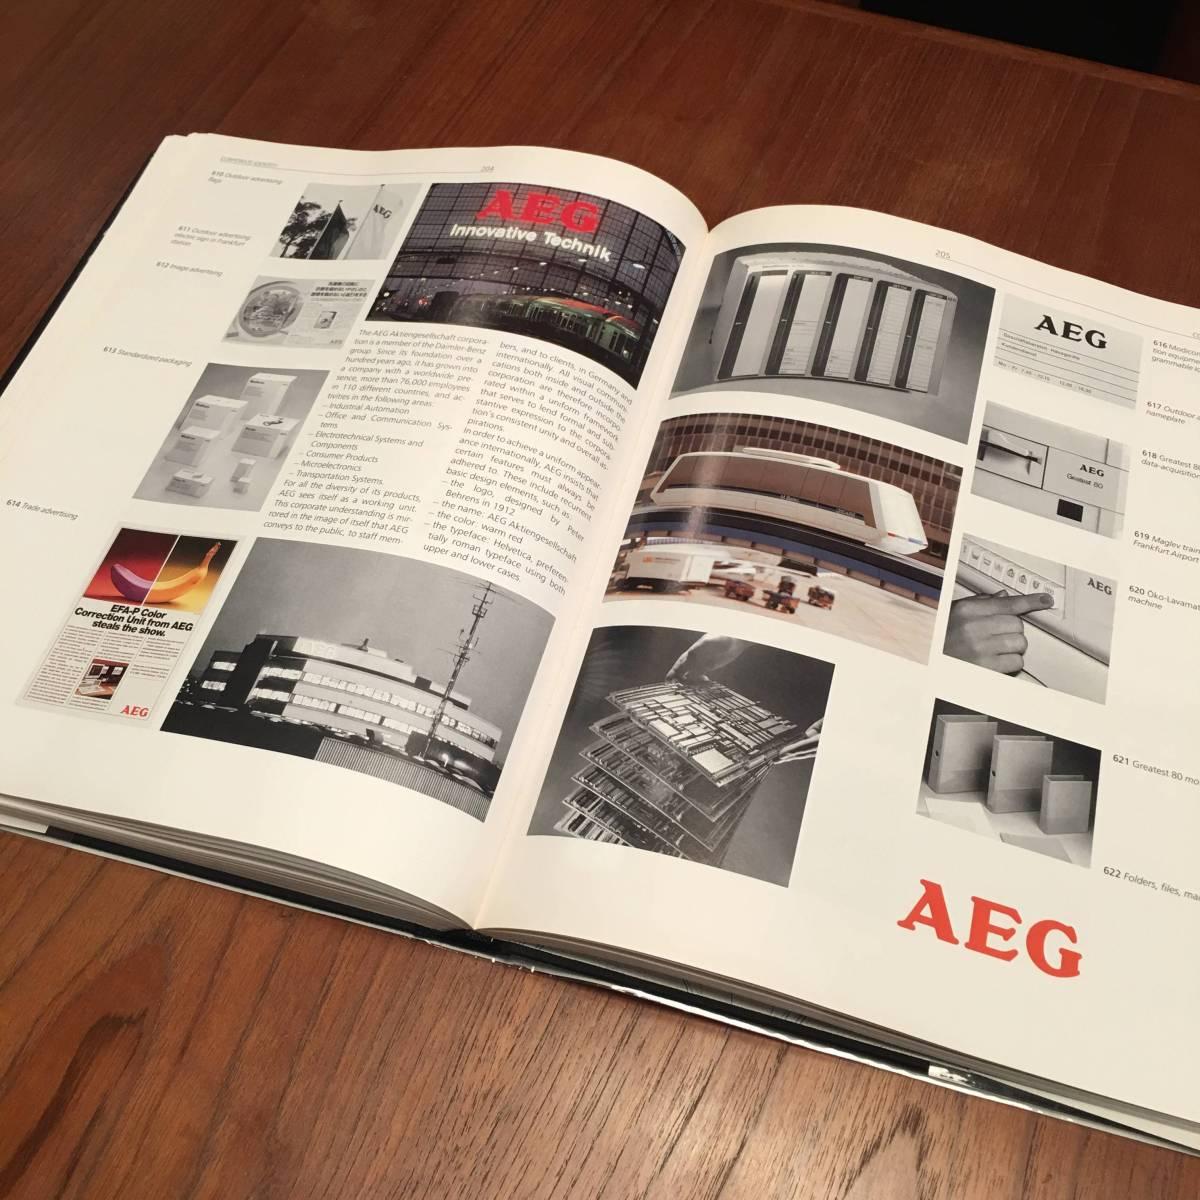 洋書 Braun ディーターラムス スペースエイジ プロダクトデザイン ミッドセンチュリー インテリア レトロ MOMA kartell 70s_画像8